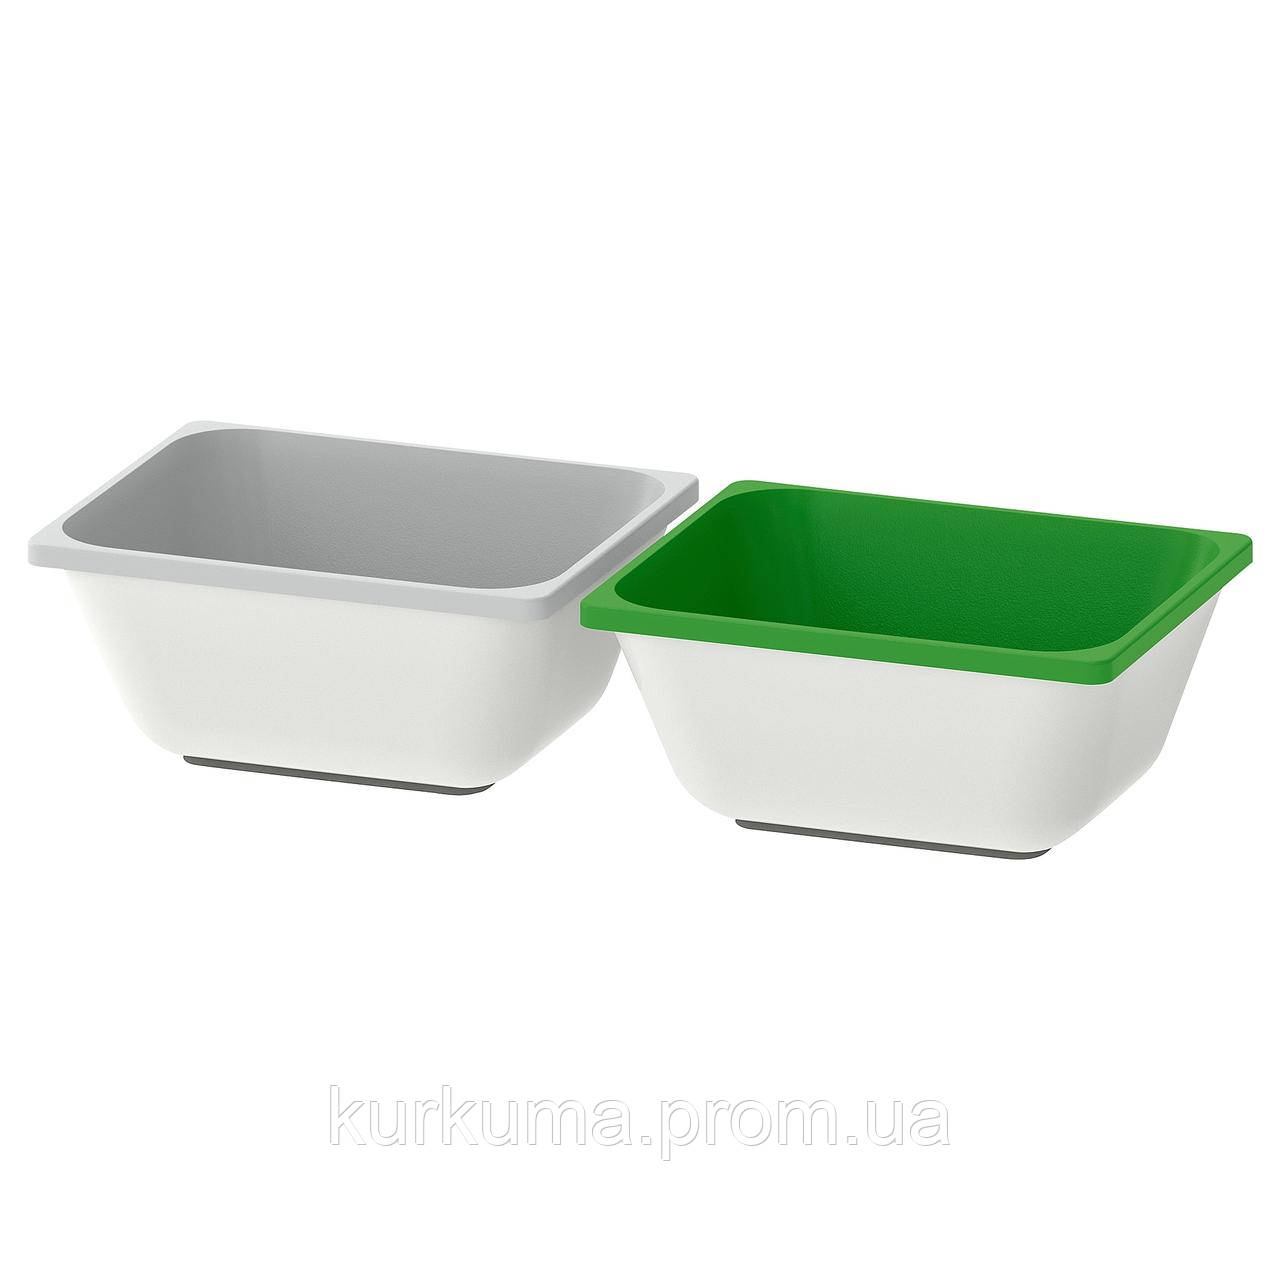 IKEA VARIERA Коробка, зеленый, серый  (903.351.07)